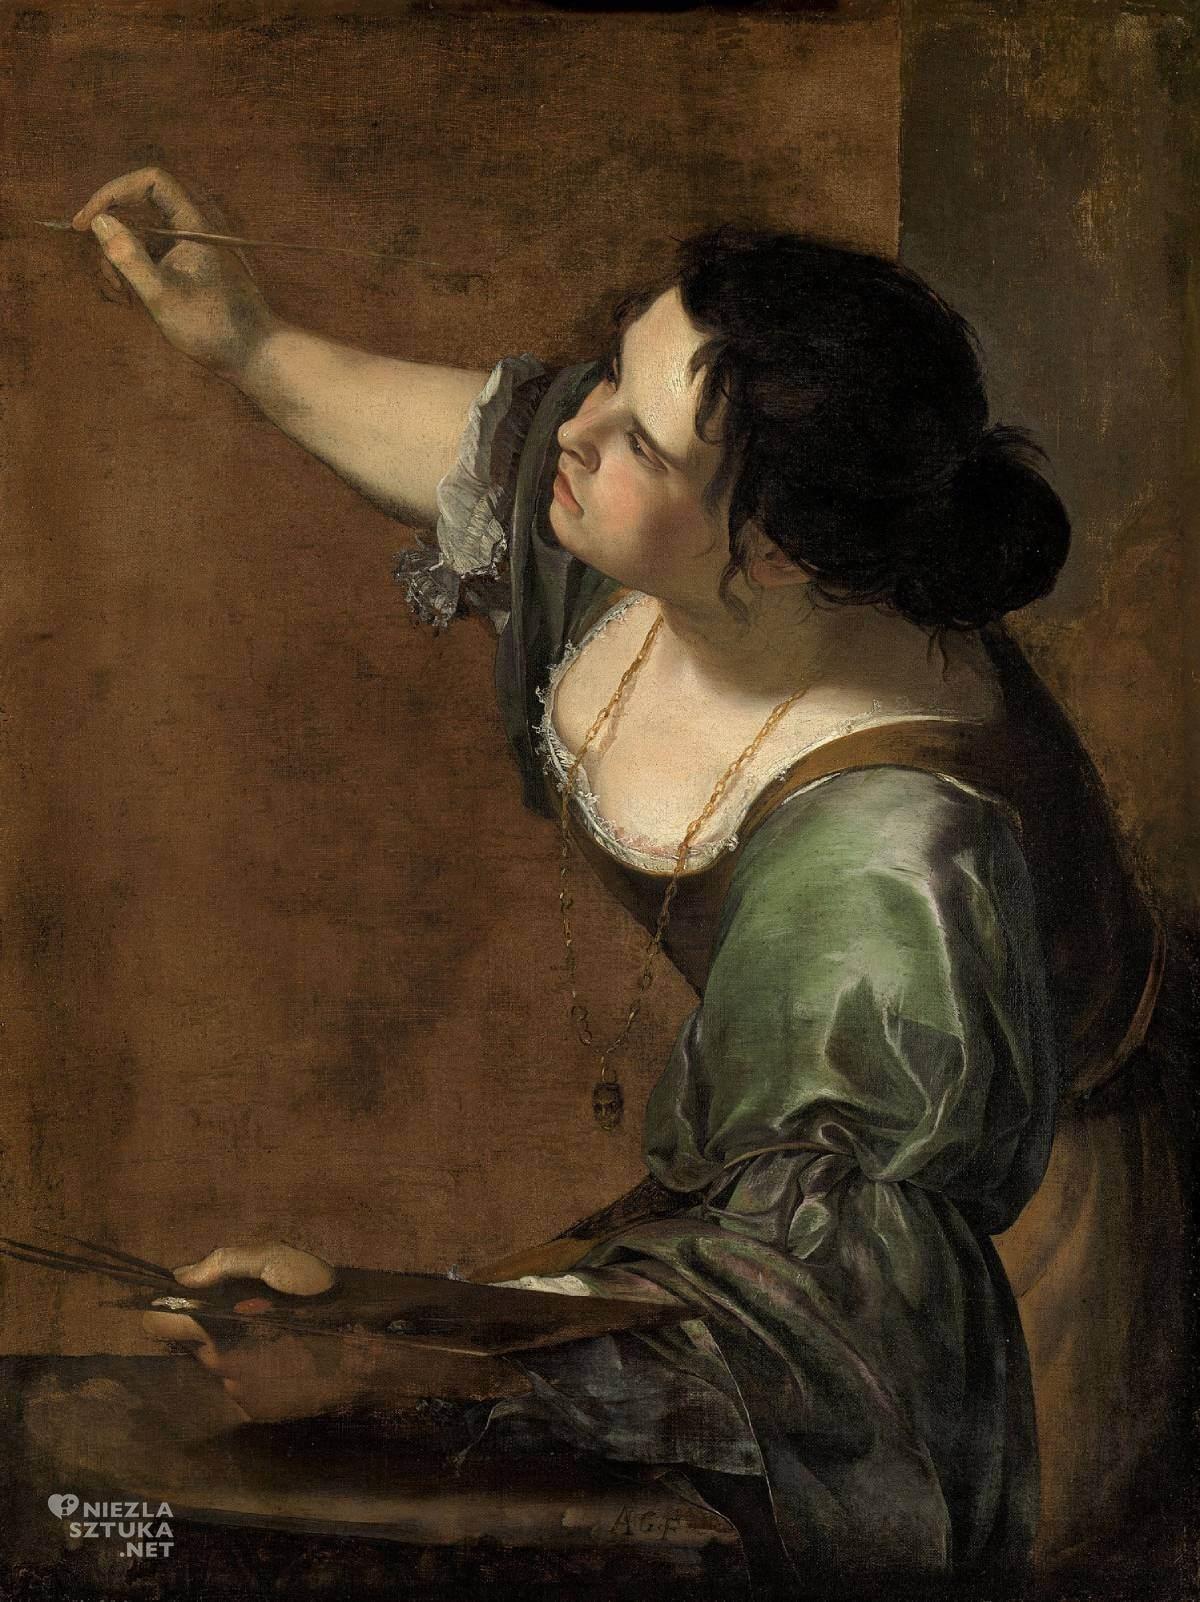 Artemisia Gentileschi, Autoportret, alegoria malarstwa, sztuka włoska, malarstwo włoskie, kobiety w sztuce, malarka, Niezła sztuka